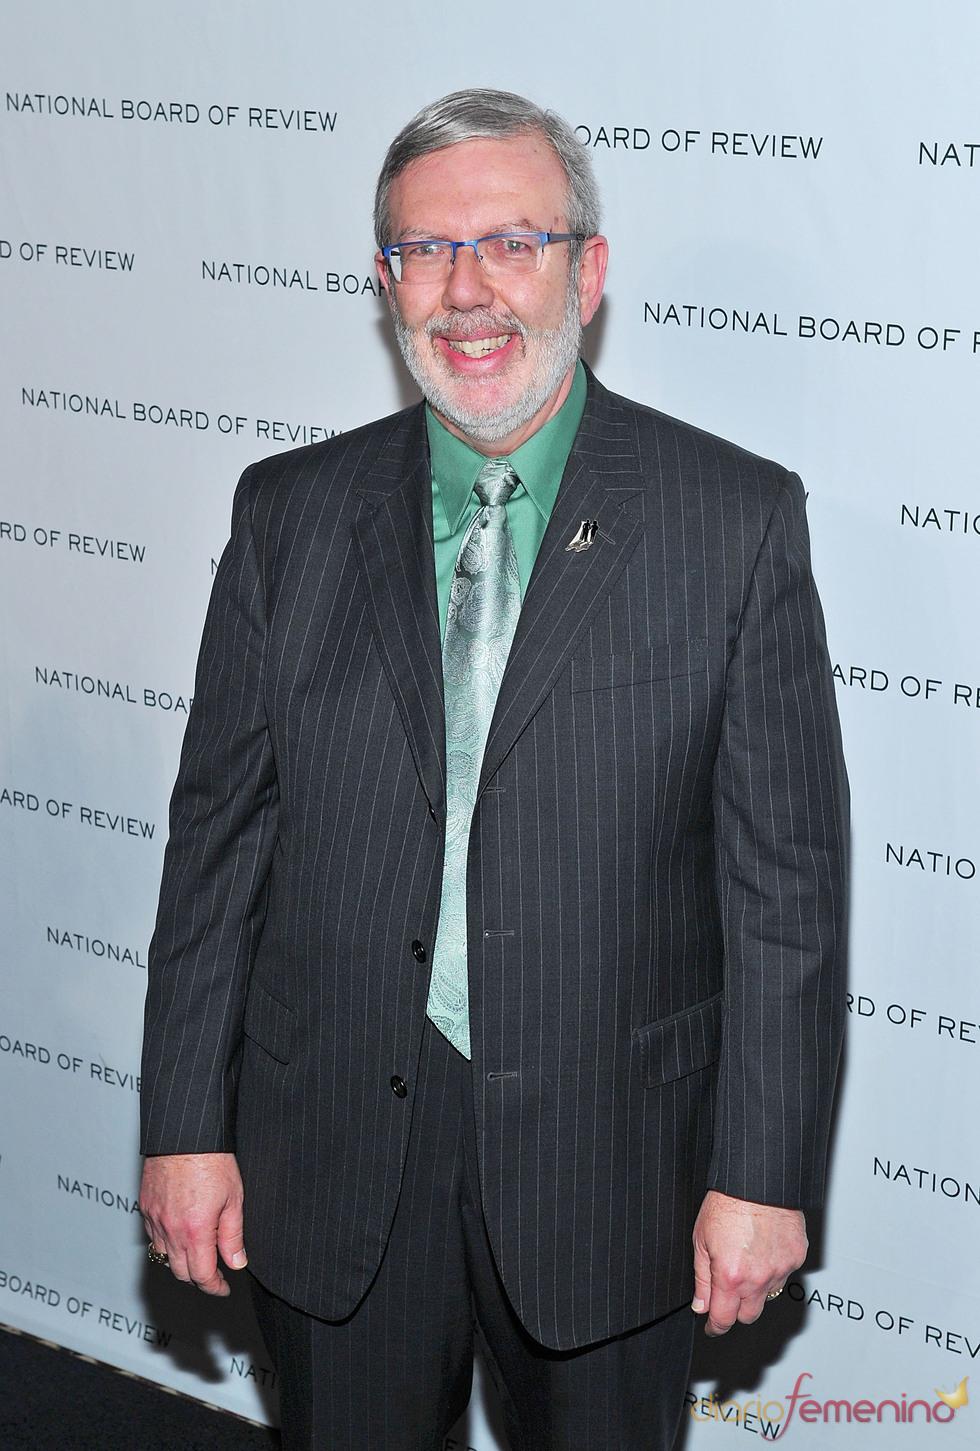 Leonard Maltin en los Premios de la Junta Nacional de Críticos